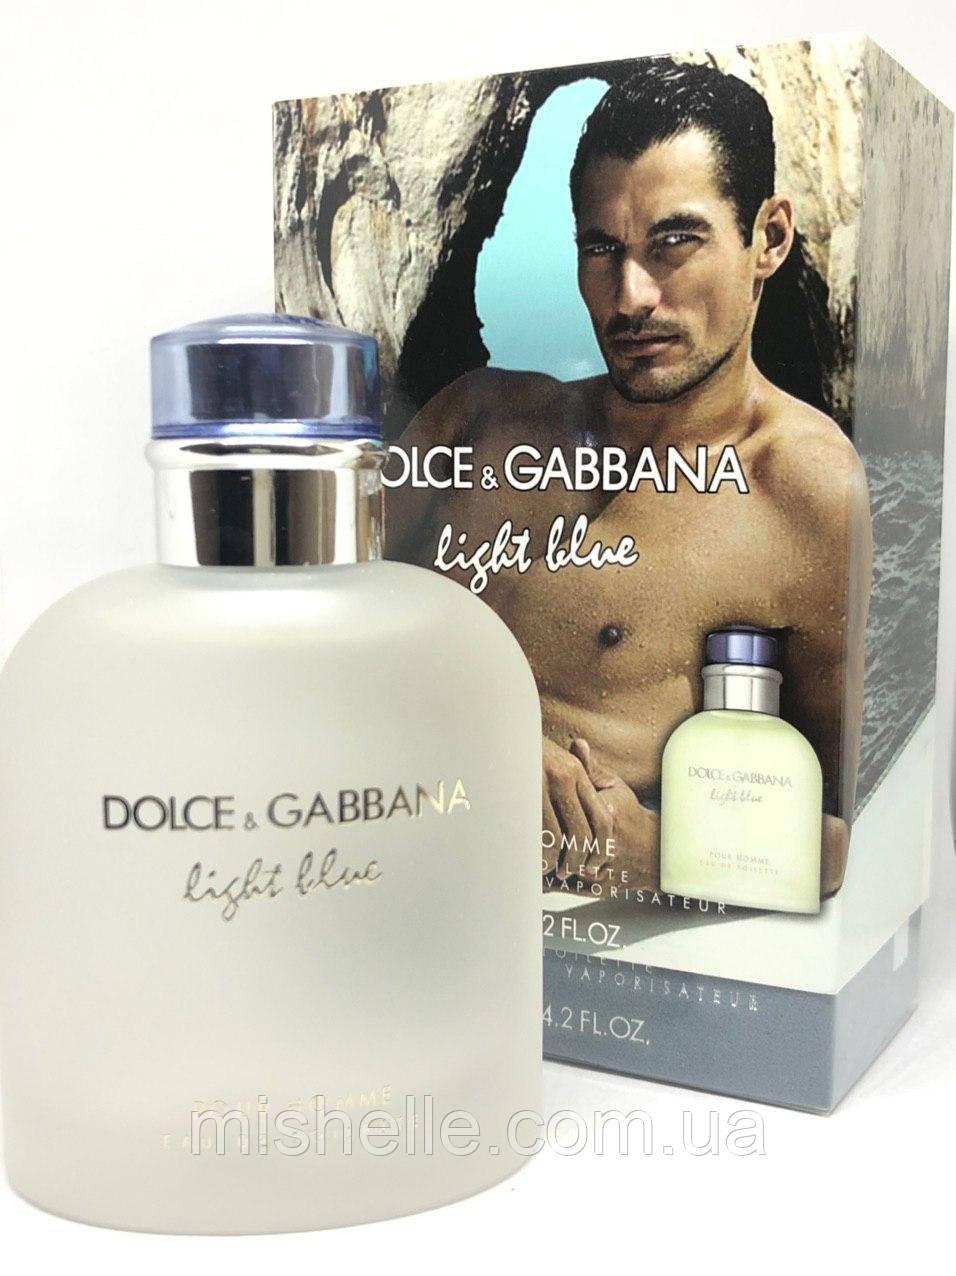 Мужской одеколон Dolce & Gabbana Light Blue Pour Homme (Дольче Габбана Лайт Блю Пур Хом) в чехле!